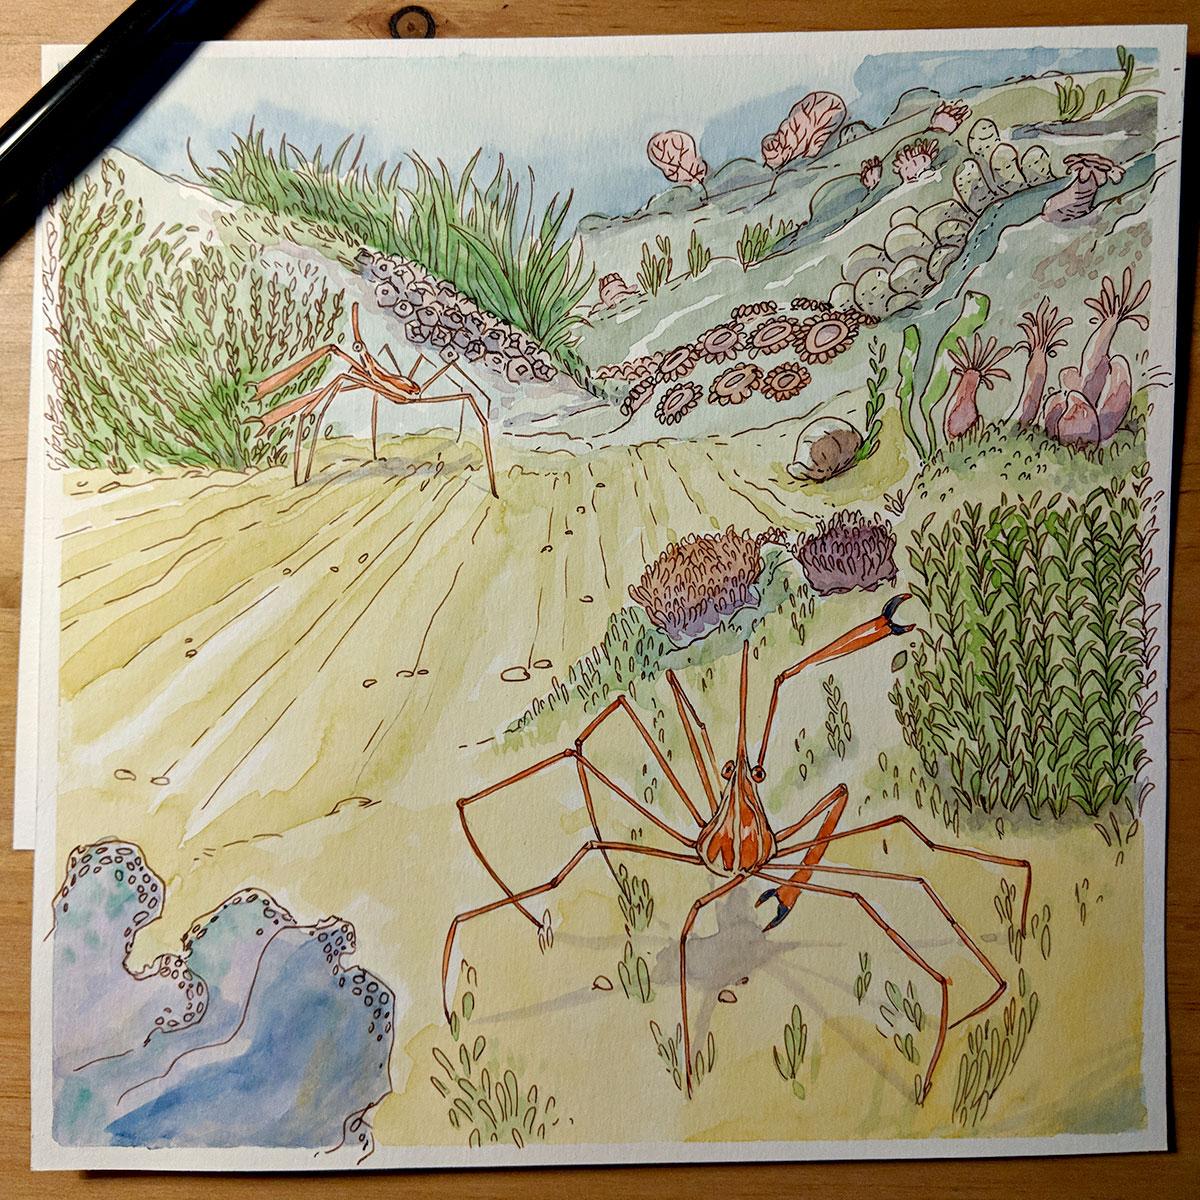 Détails aquarelle crabe